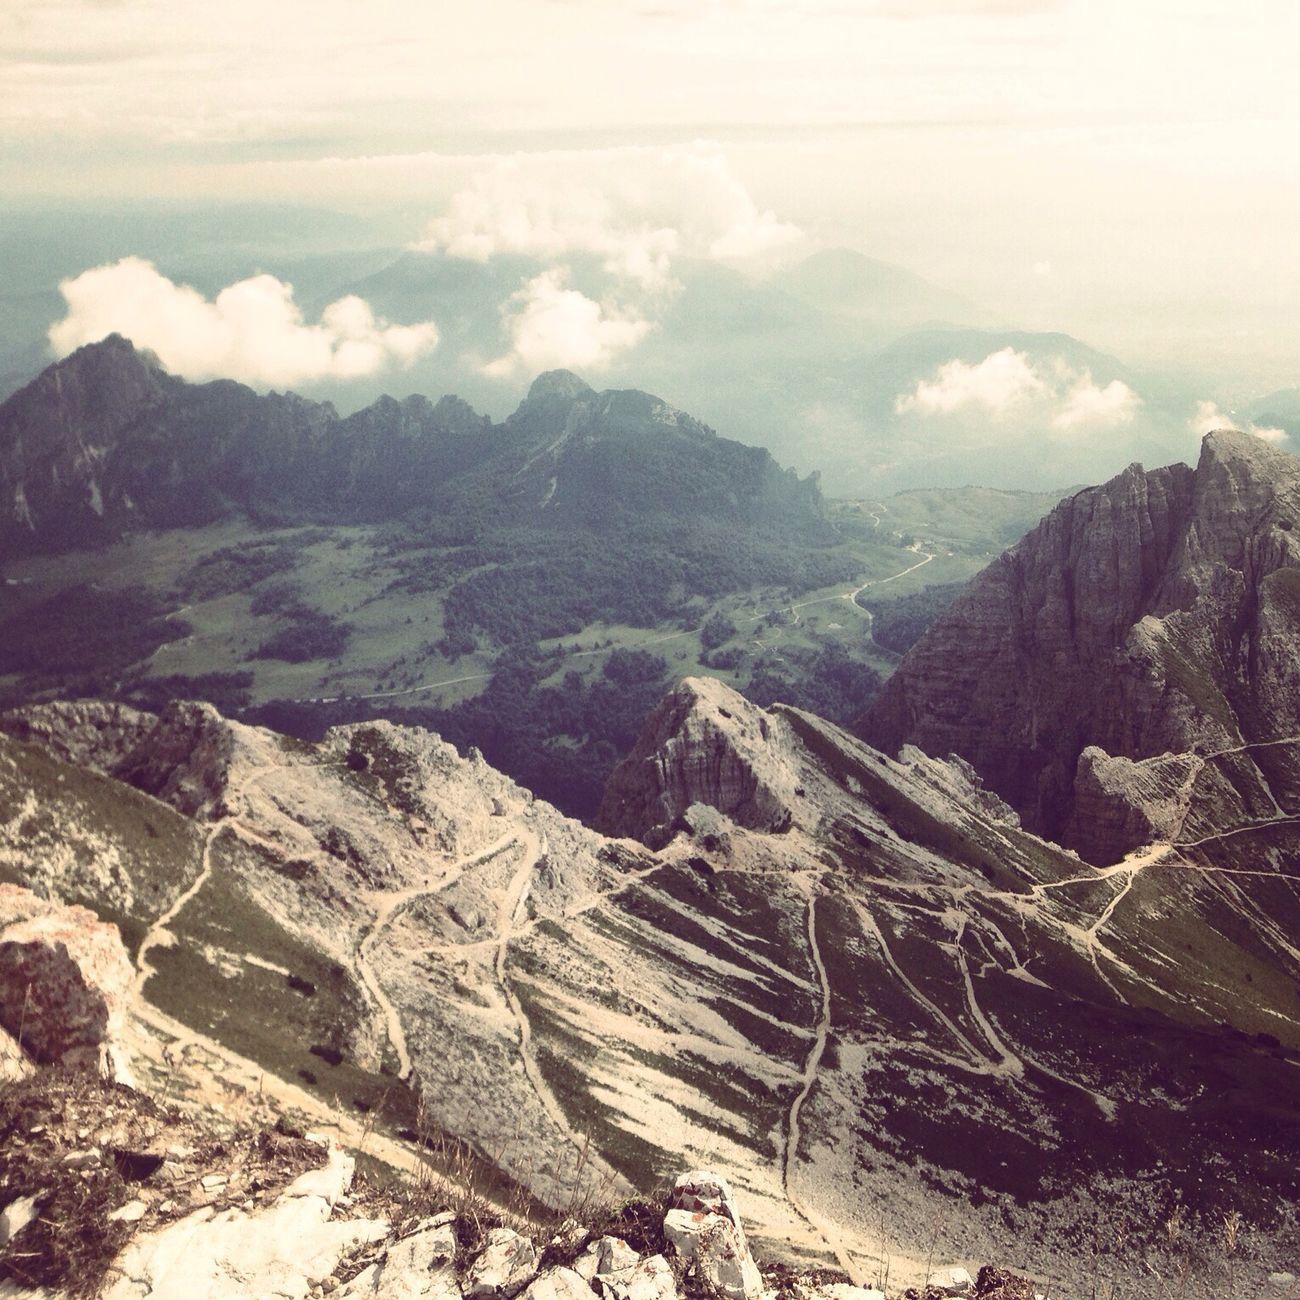 Chi piu lontano sale, piu lontano vede, chi piu lontano vede piu a lungo sogna Mountains Carega Taking Photos Nature Landscape